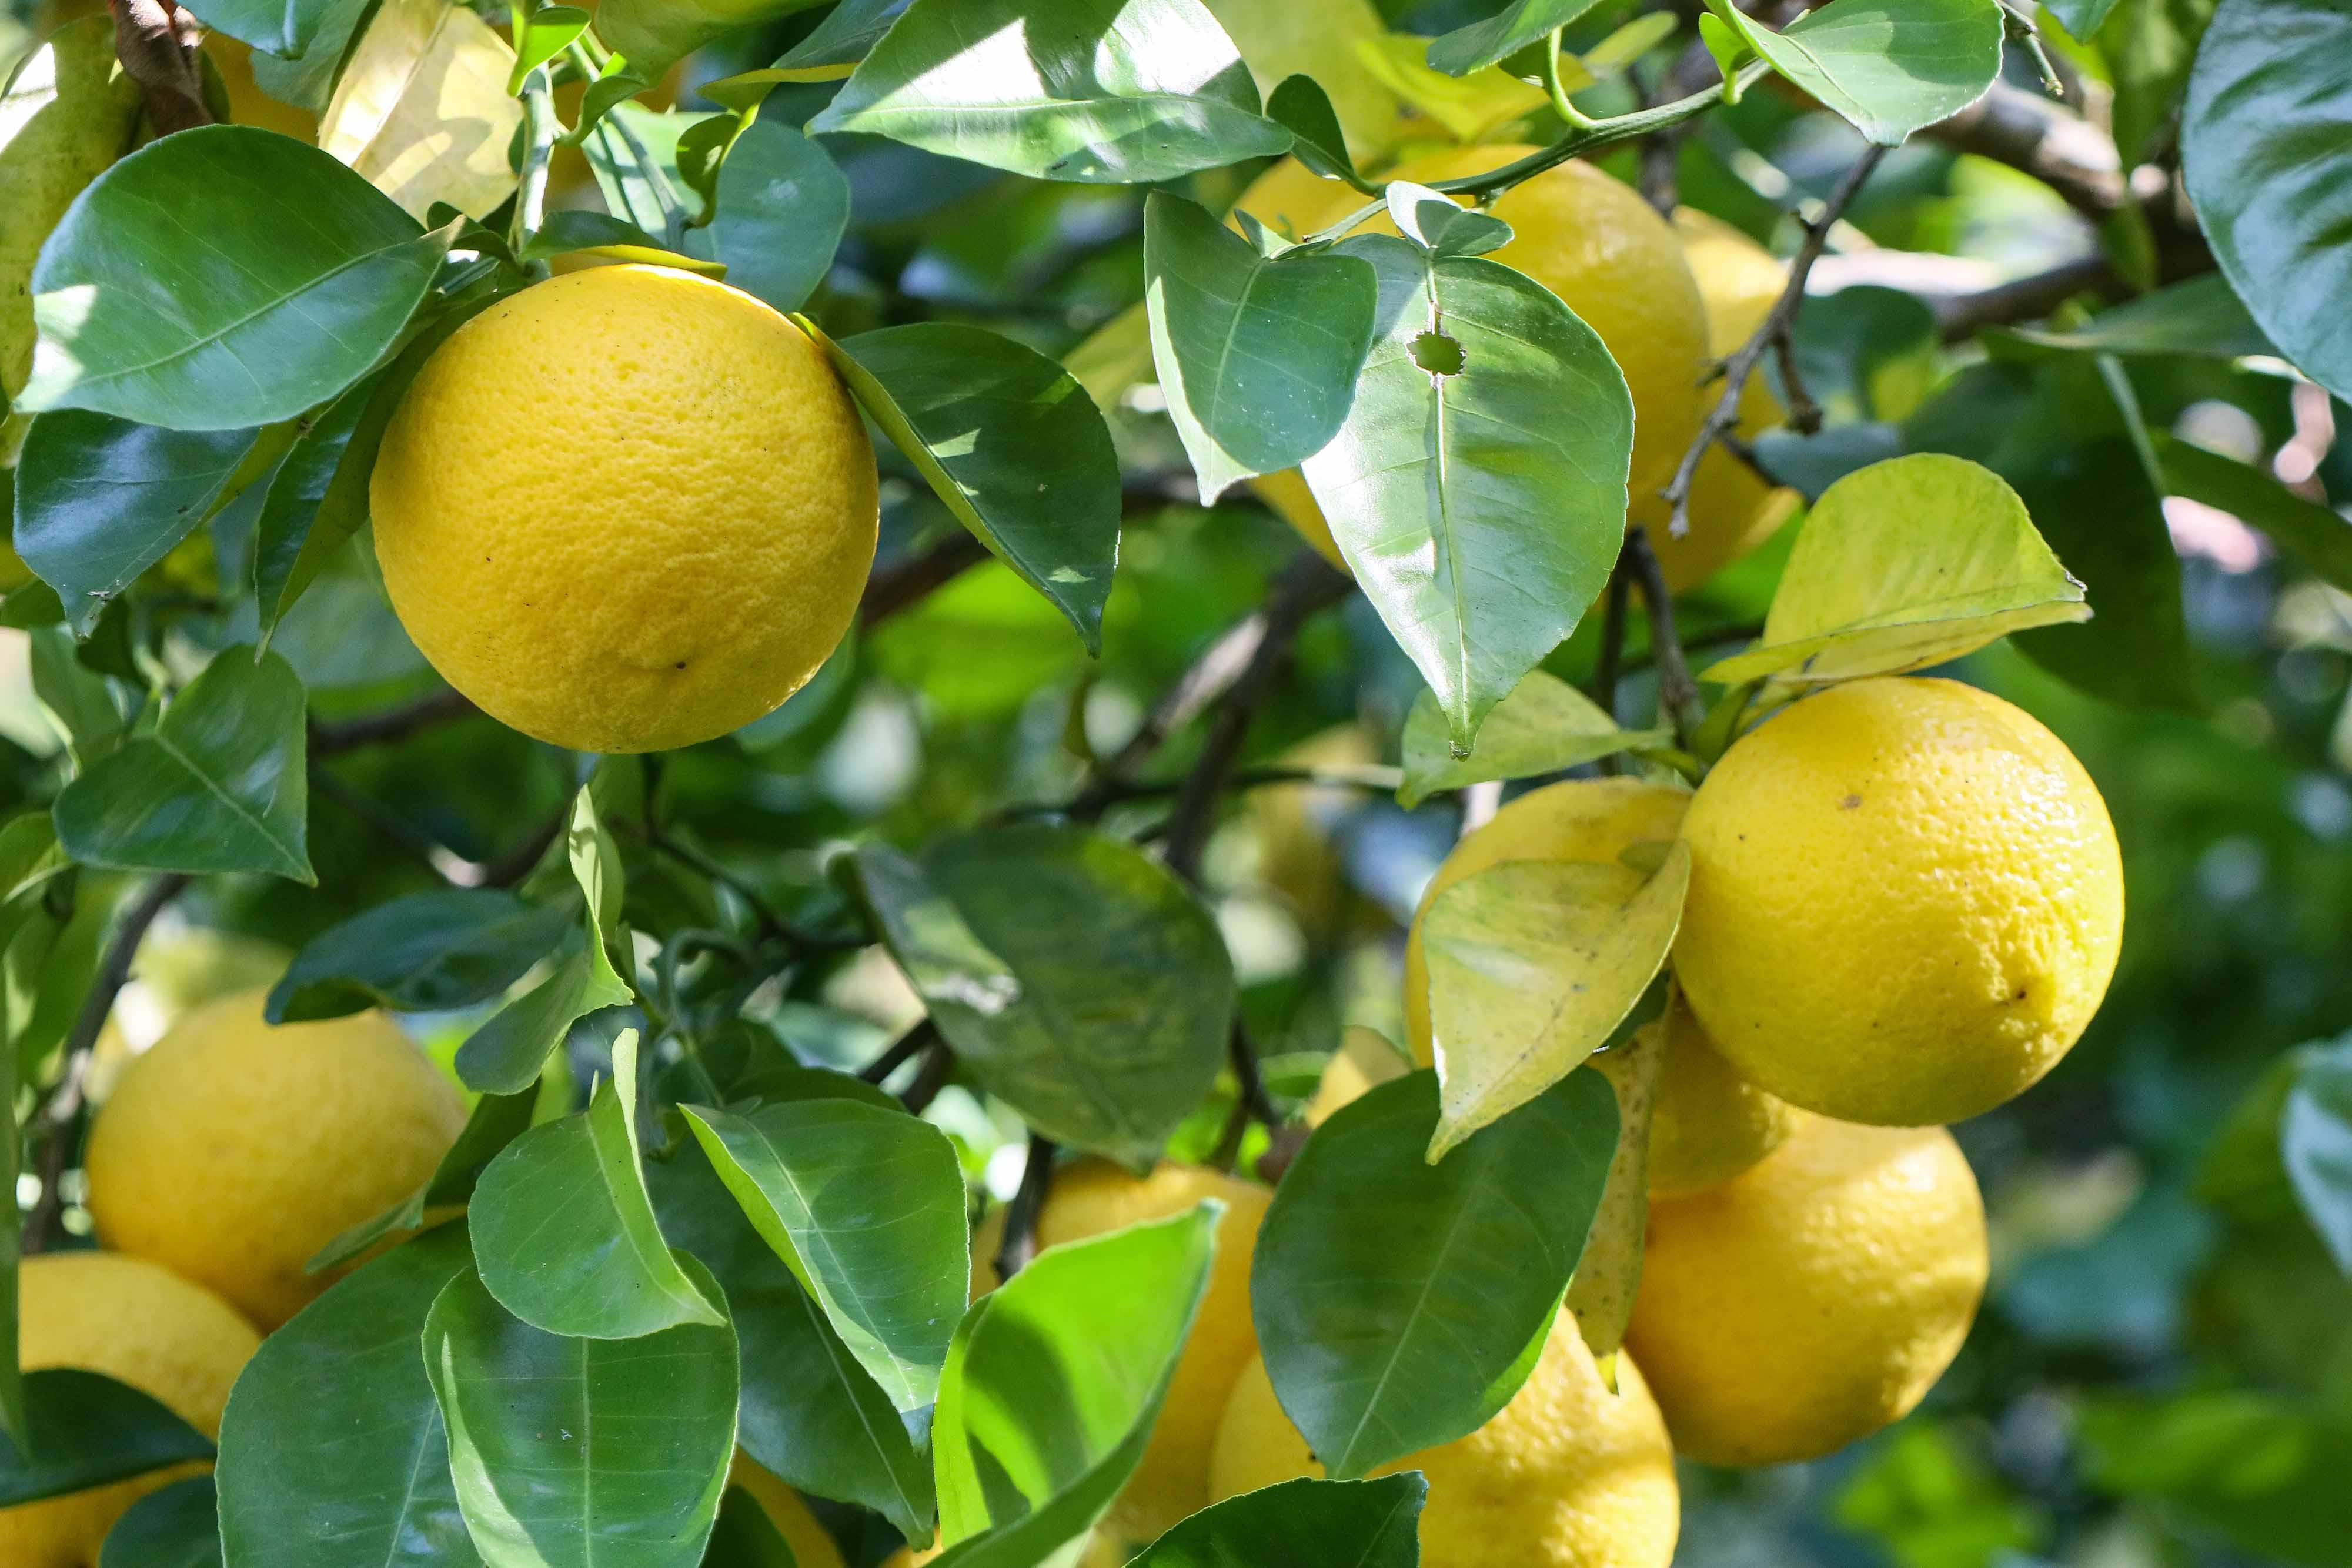 温暖な国東半島では柑橘類の栽培が盛ん